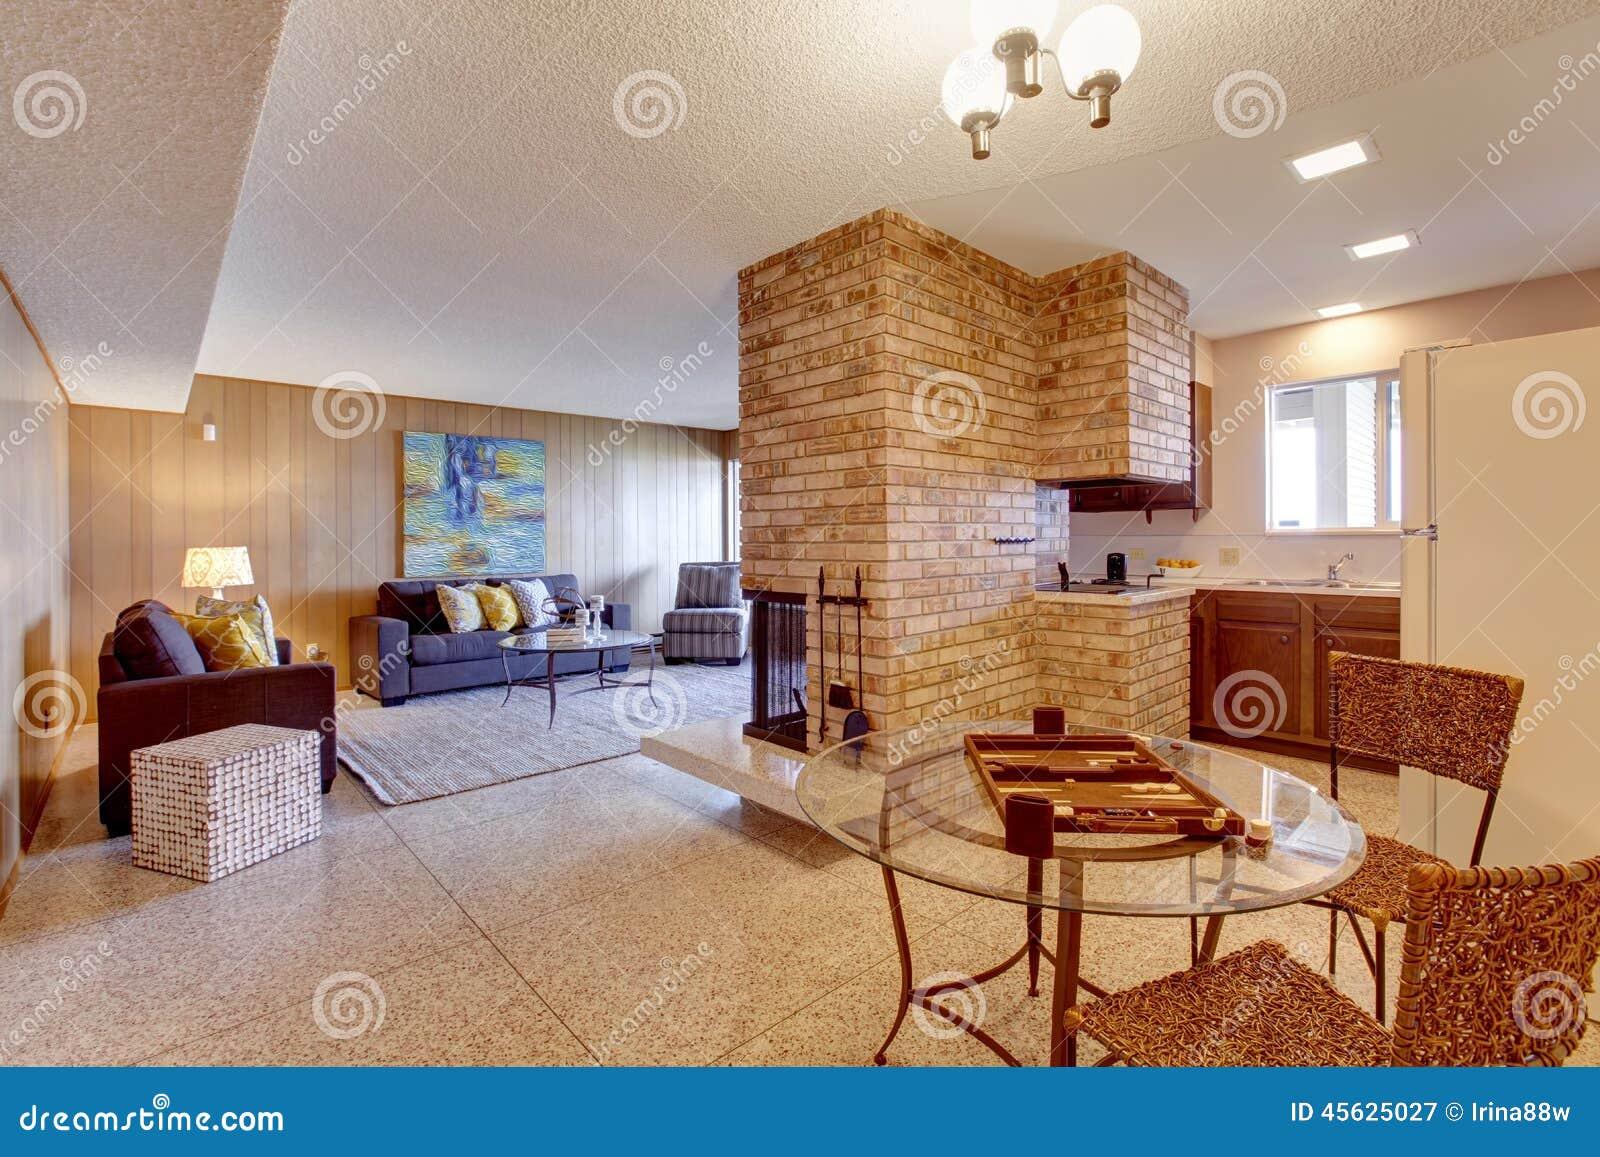 Pianta aperta del seminterrato salone con pranzare e la for Seminterrato solo piani di casa